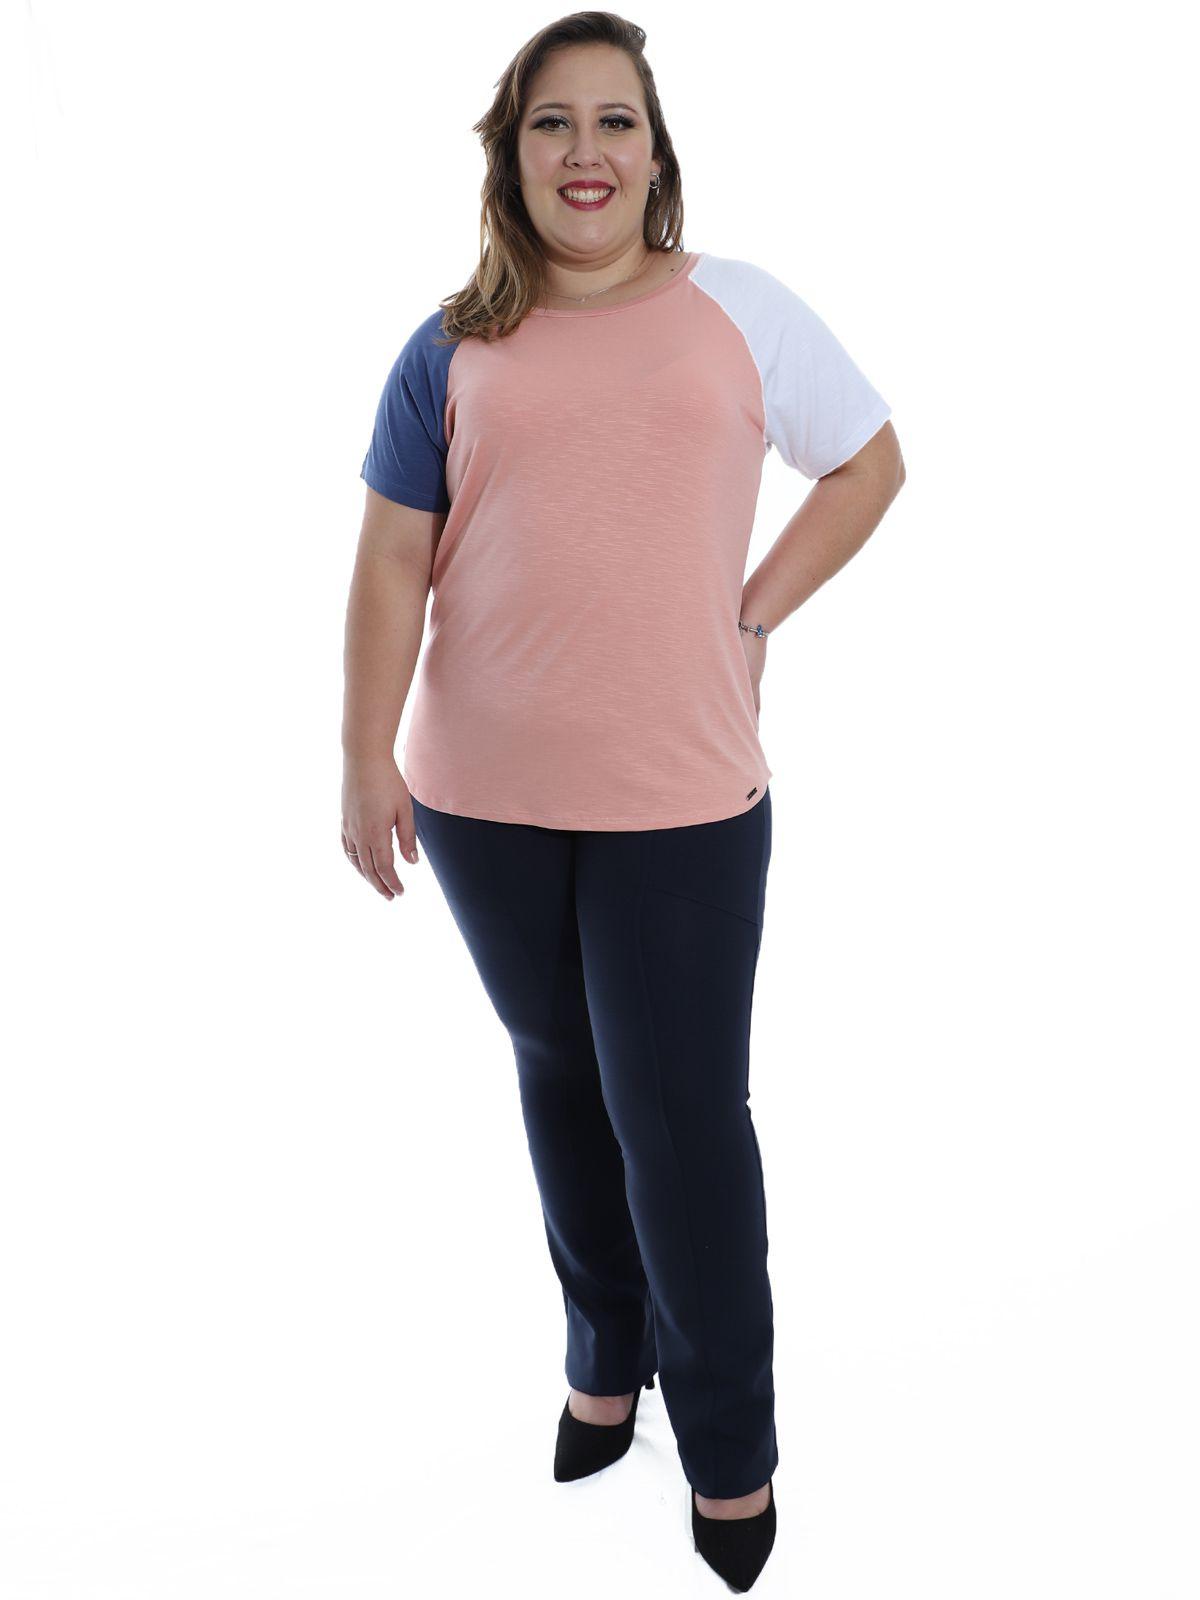 Blusa Plus Size KTS Visco Flame Colors Rosa